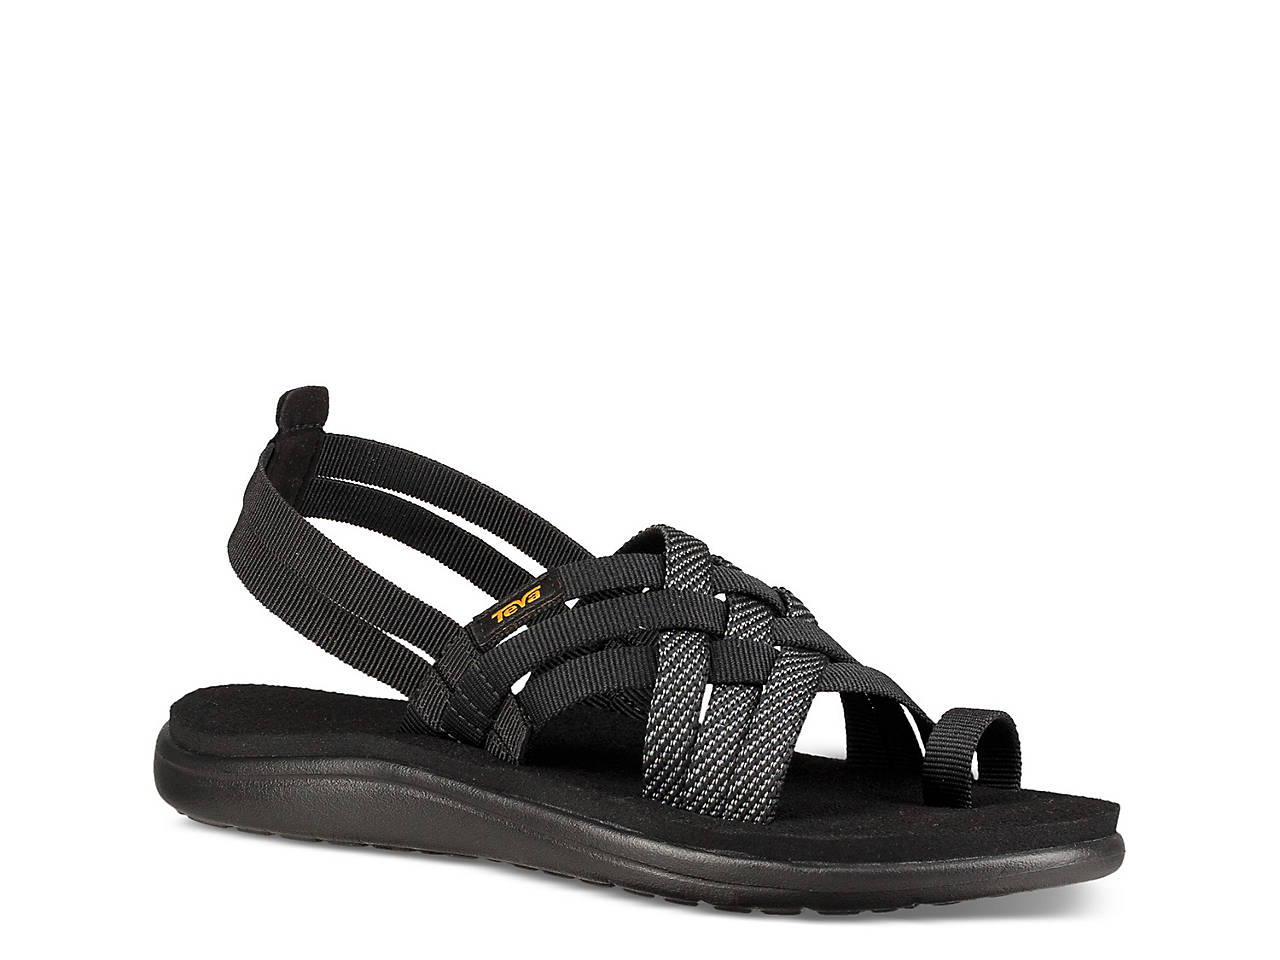 c3bae4a877a7 Teva Voya Strappy Sandal Women s Shoes